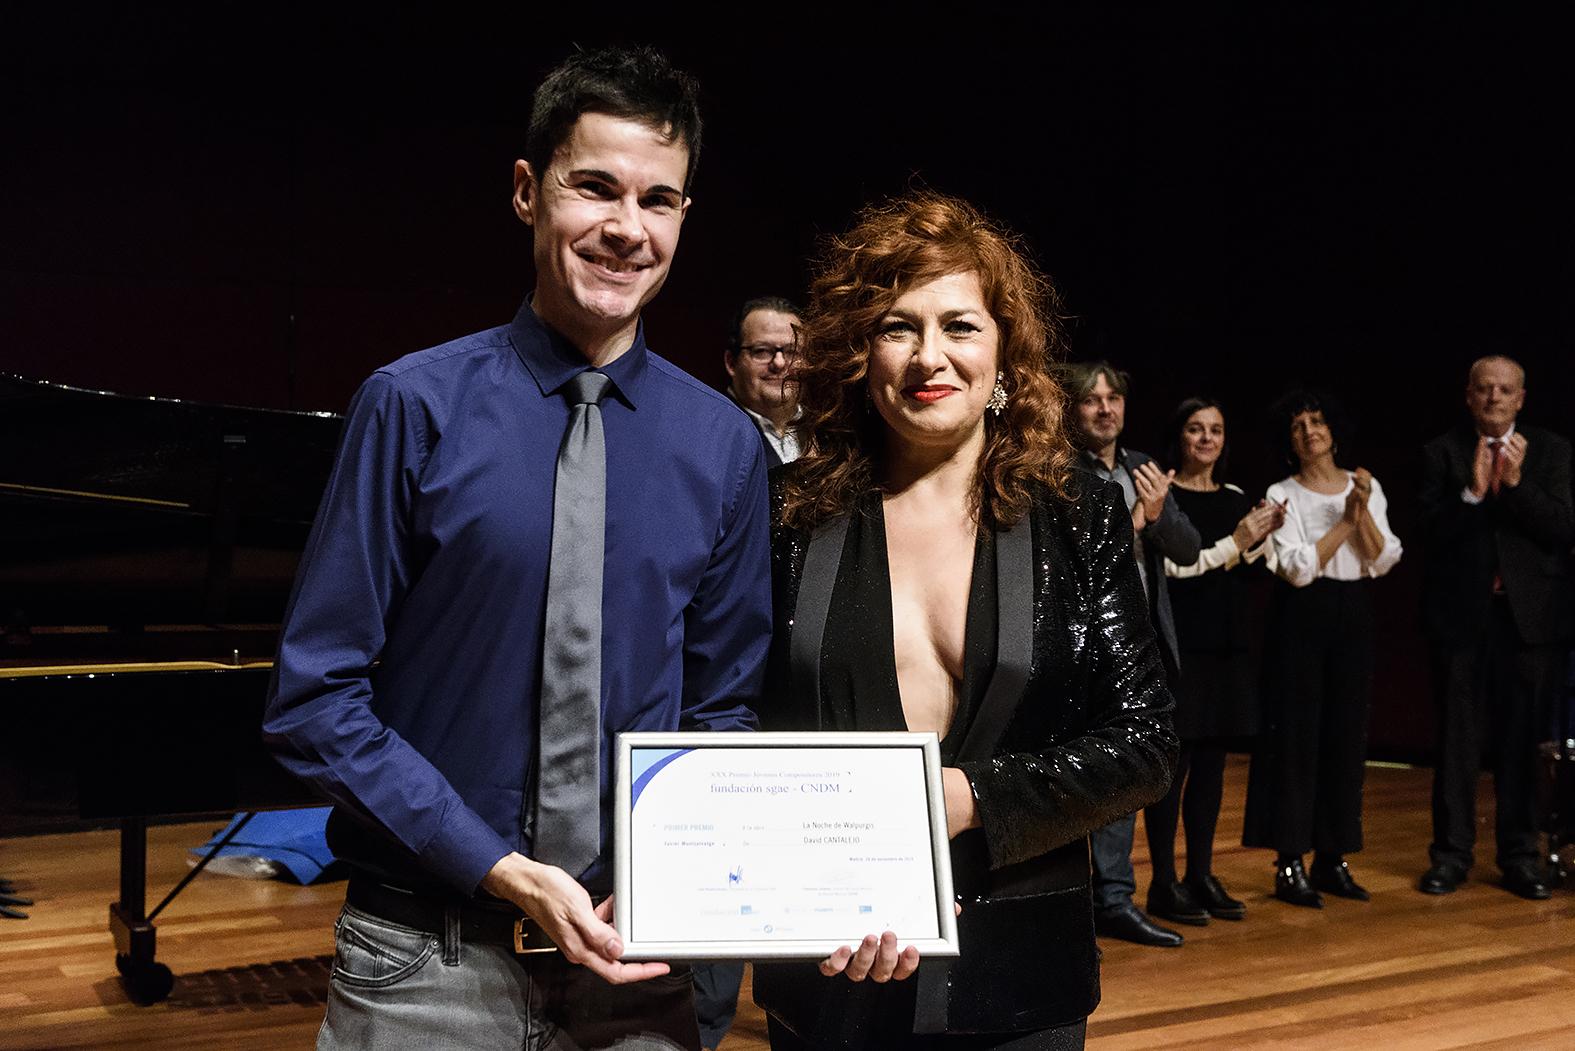 david-cantalejo-pilar-jurado-premios-jovenes-compositores